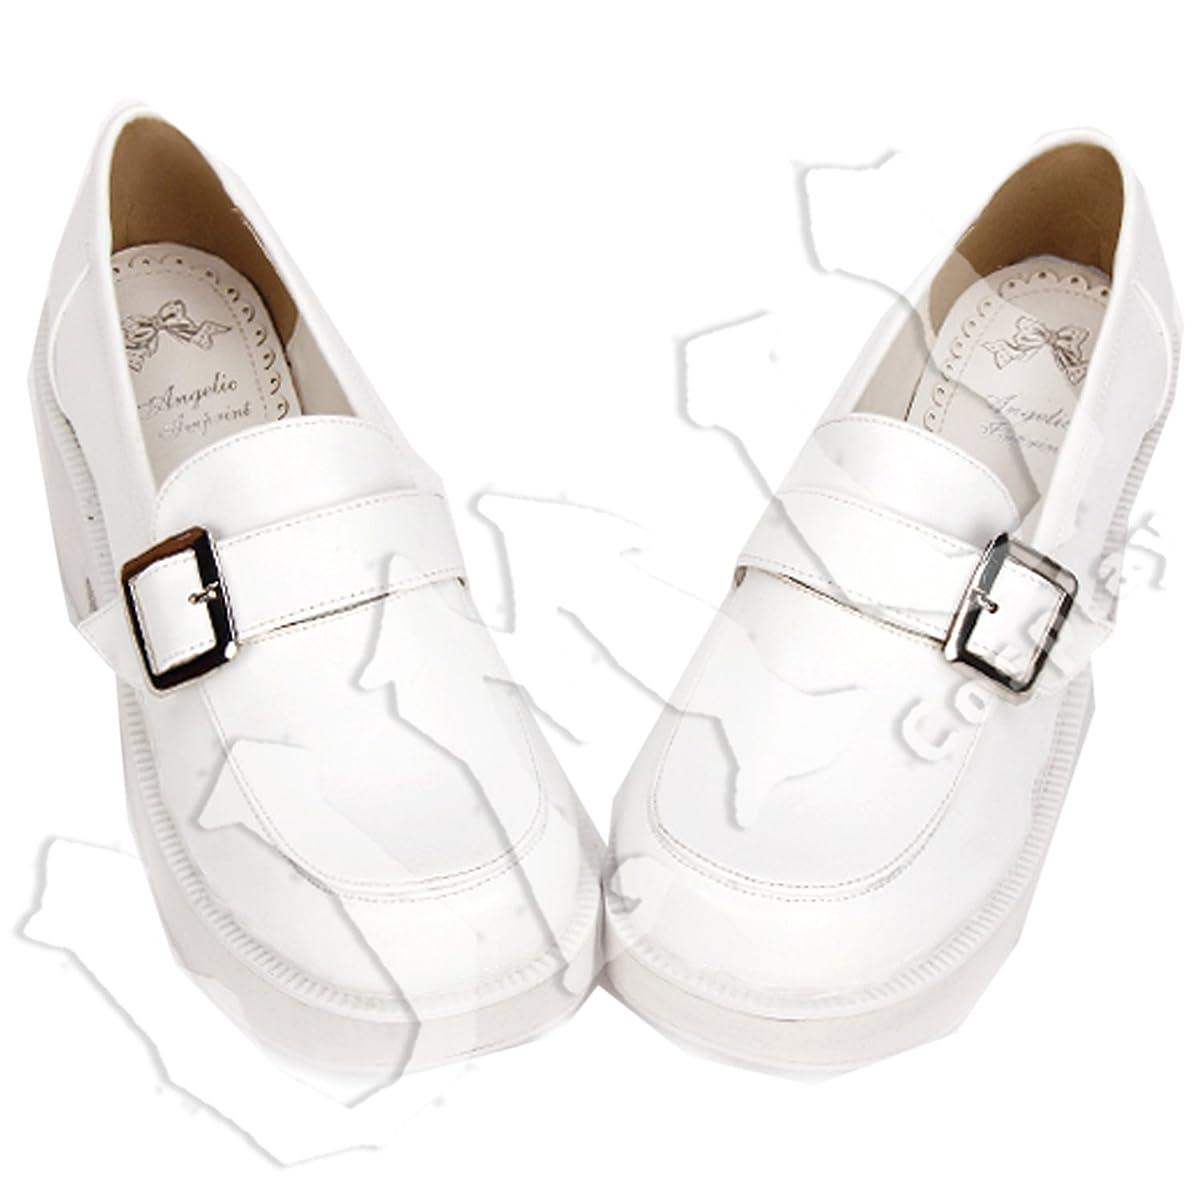 非行コレクションハウジング【UMU】 LOLITA ロリータ 純白 万能 基本 風 靴 ブーツ ブーティ オーダーメイド(ヒール高、材質、靴色は変更可能!) (足23.5cm)